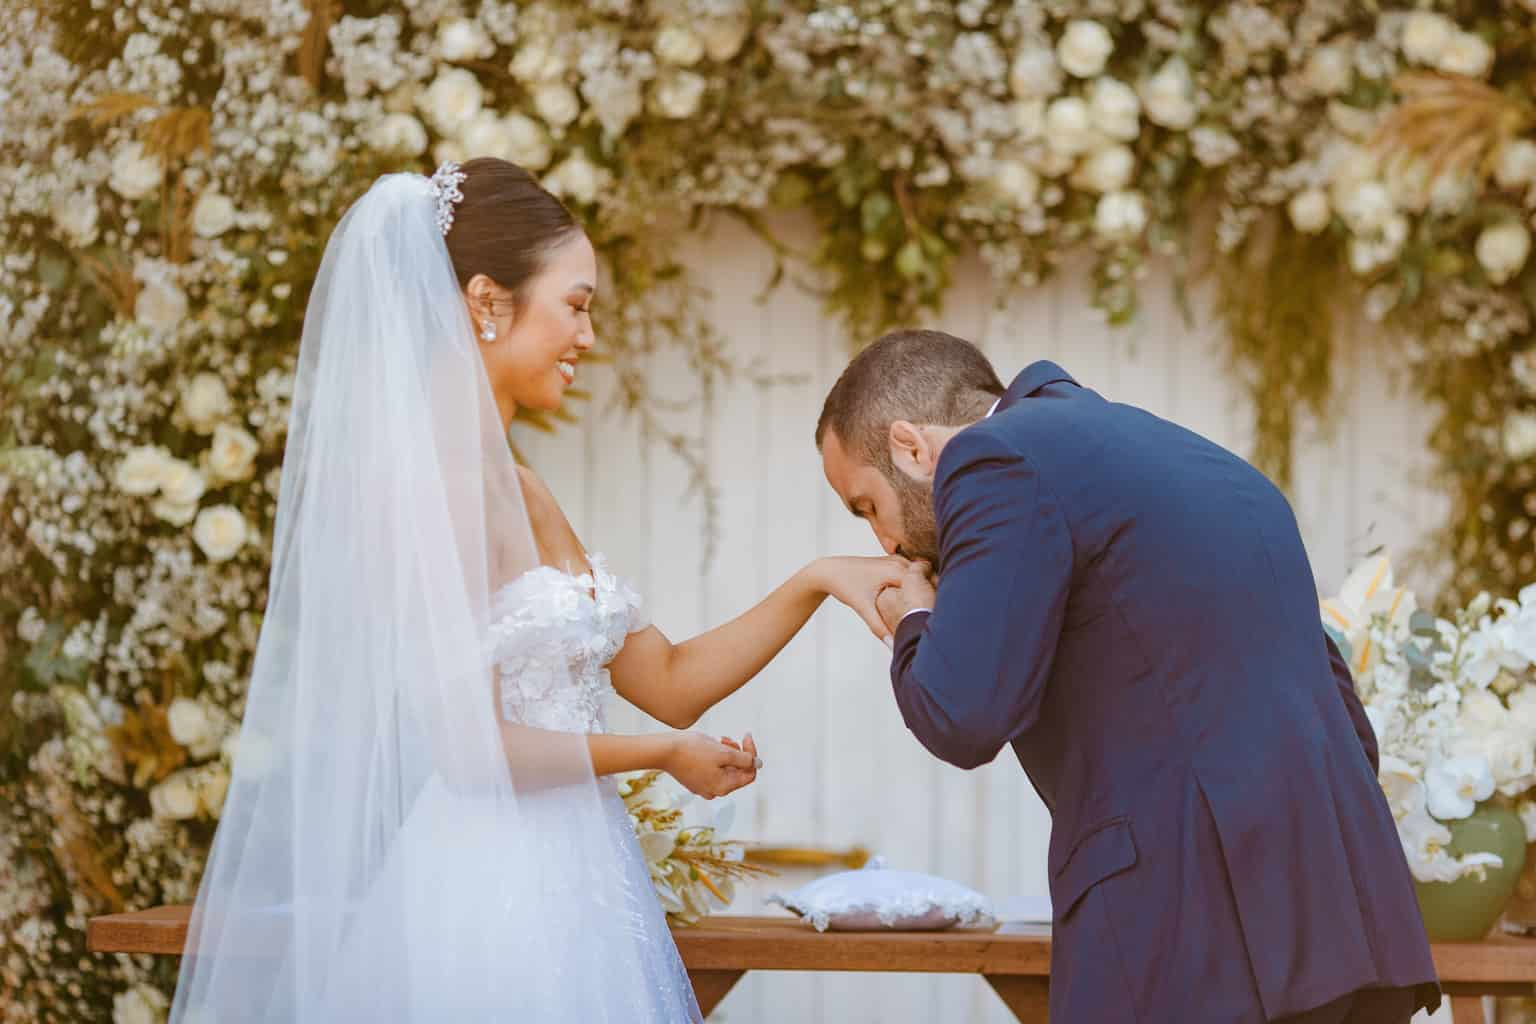 Casamento-Alissa-e-Gustavo-Cerimonial-Manu-Goncalez-Decor-Andrea-Kapps-Fasano-Angra-dos-Reis-Foto-VRebel-Cerimonia983